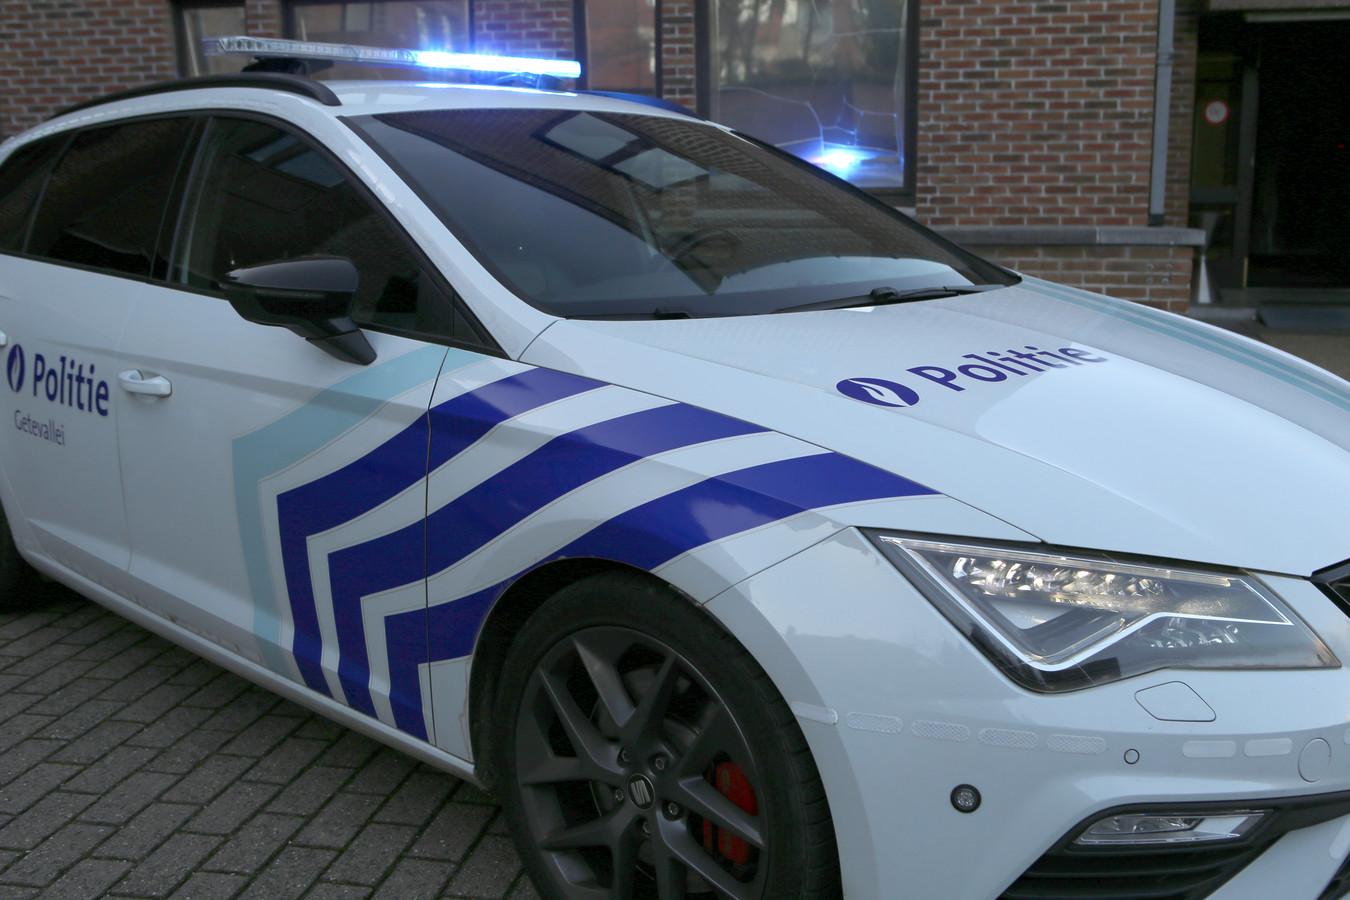 De politie kwam ter plaatse voor de nodige vaststellingen.